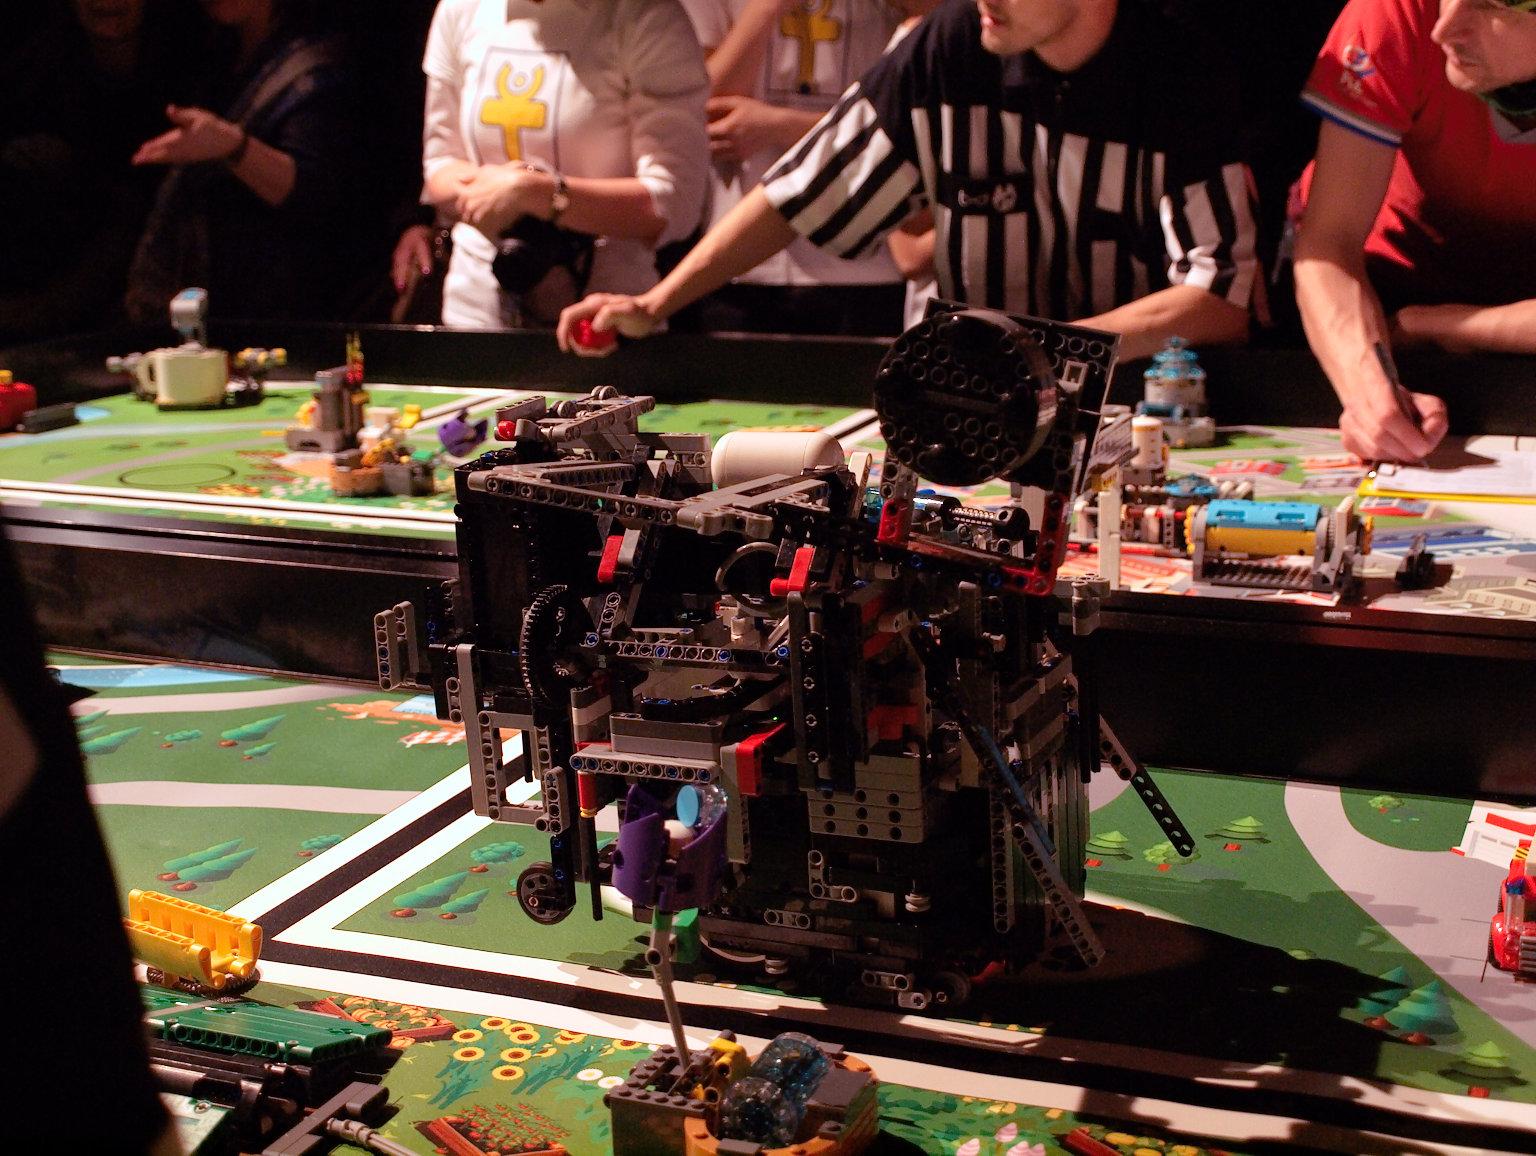 10 tímov zo Slovenska vycestuje s robotmi do Poľska, zabojujú o postup do finále FIRST LEGO League 5